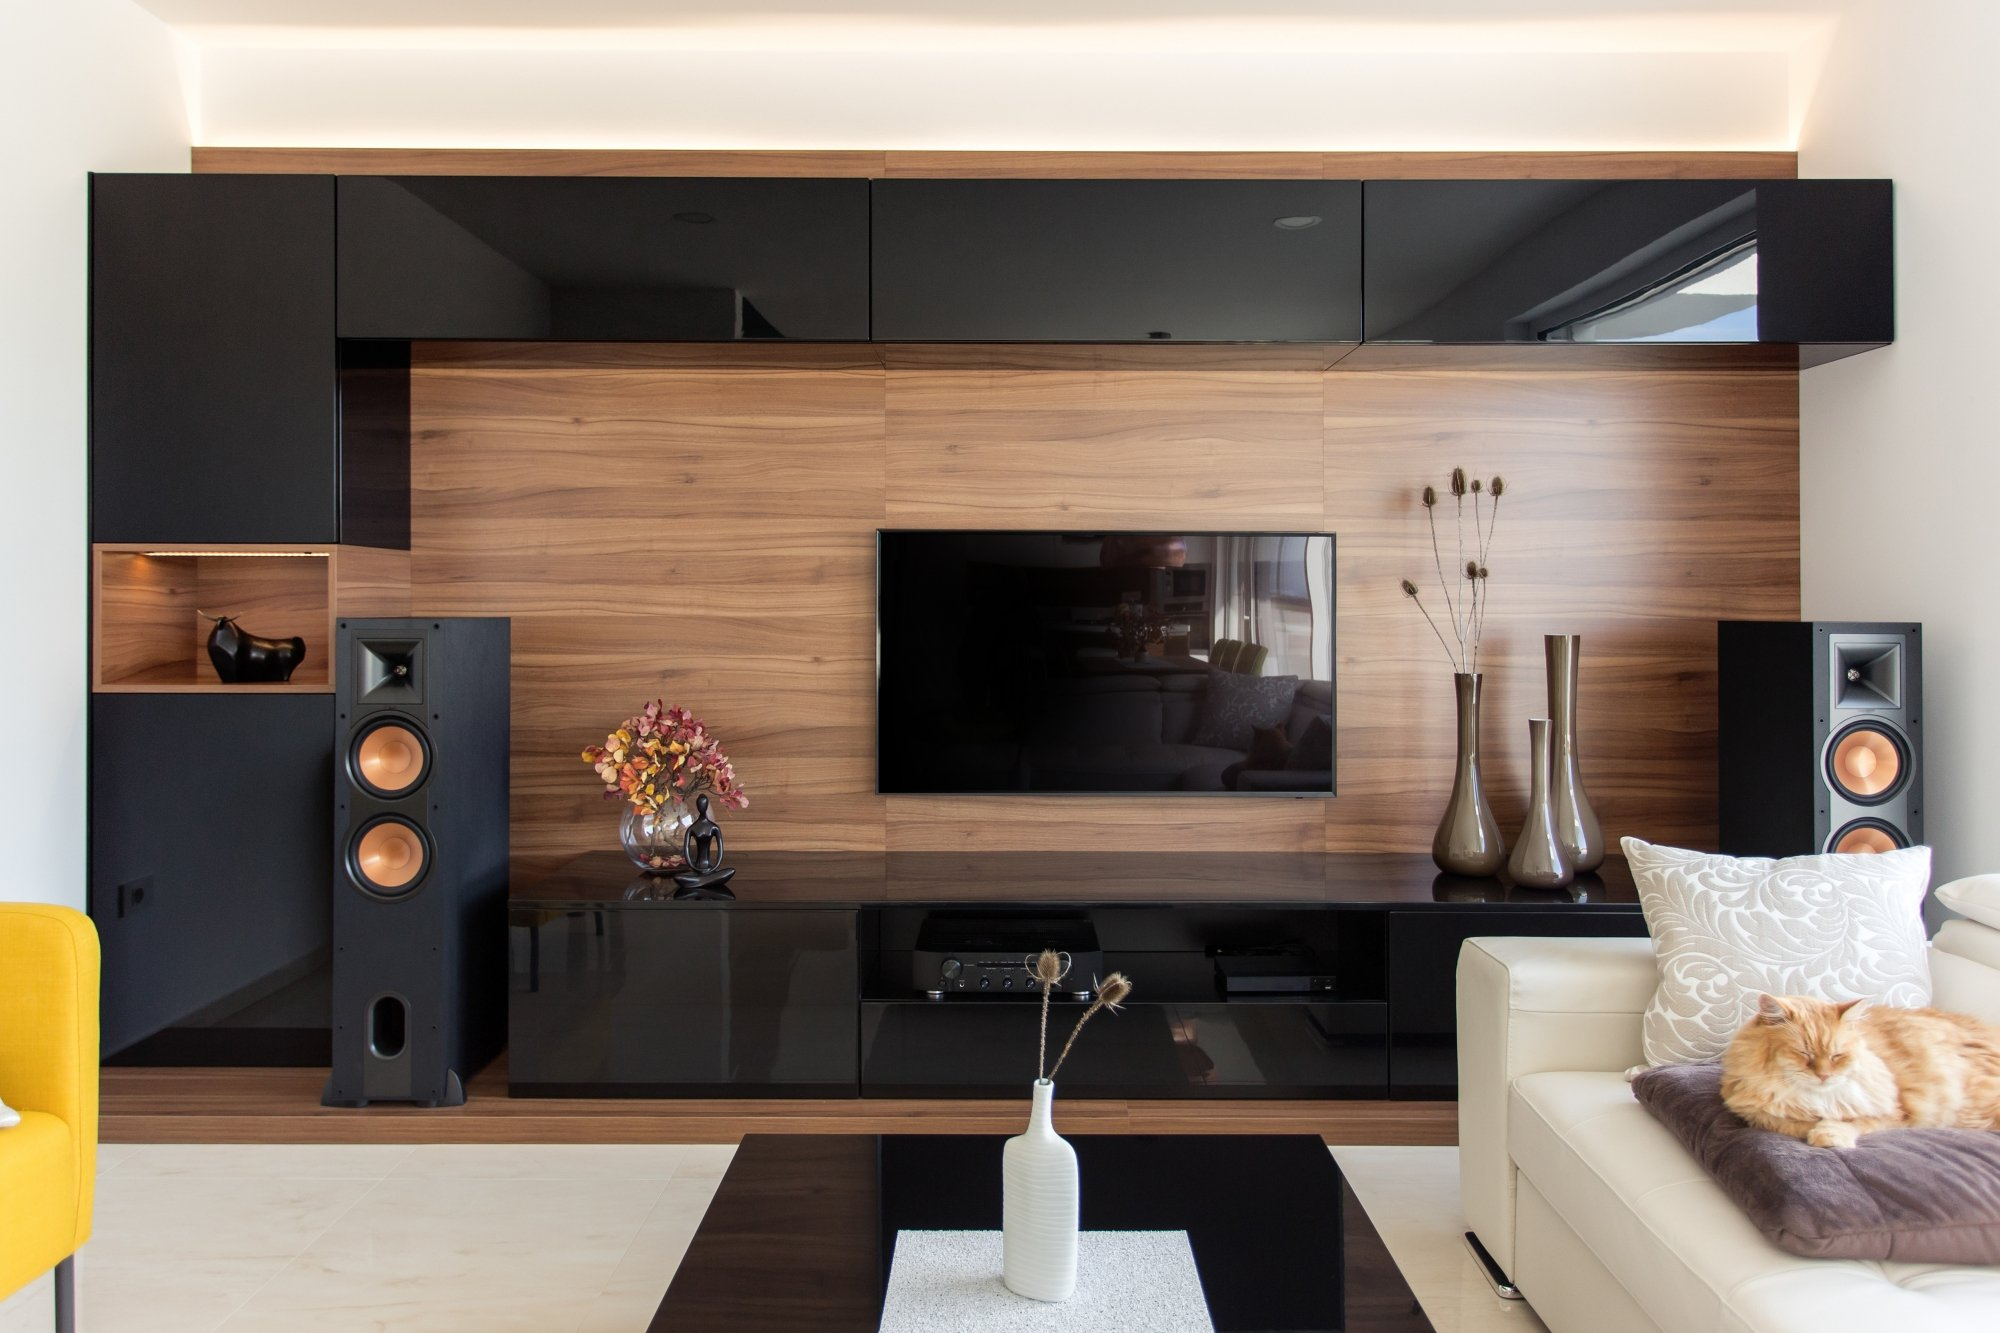 Choisir Sa Tv En Fonction De La Distance comment trouver l'emplacement idéal pour sa télé ?